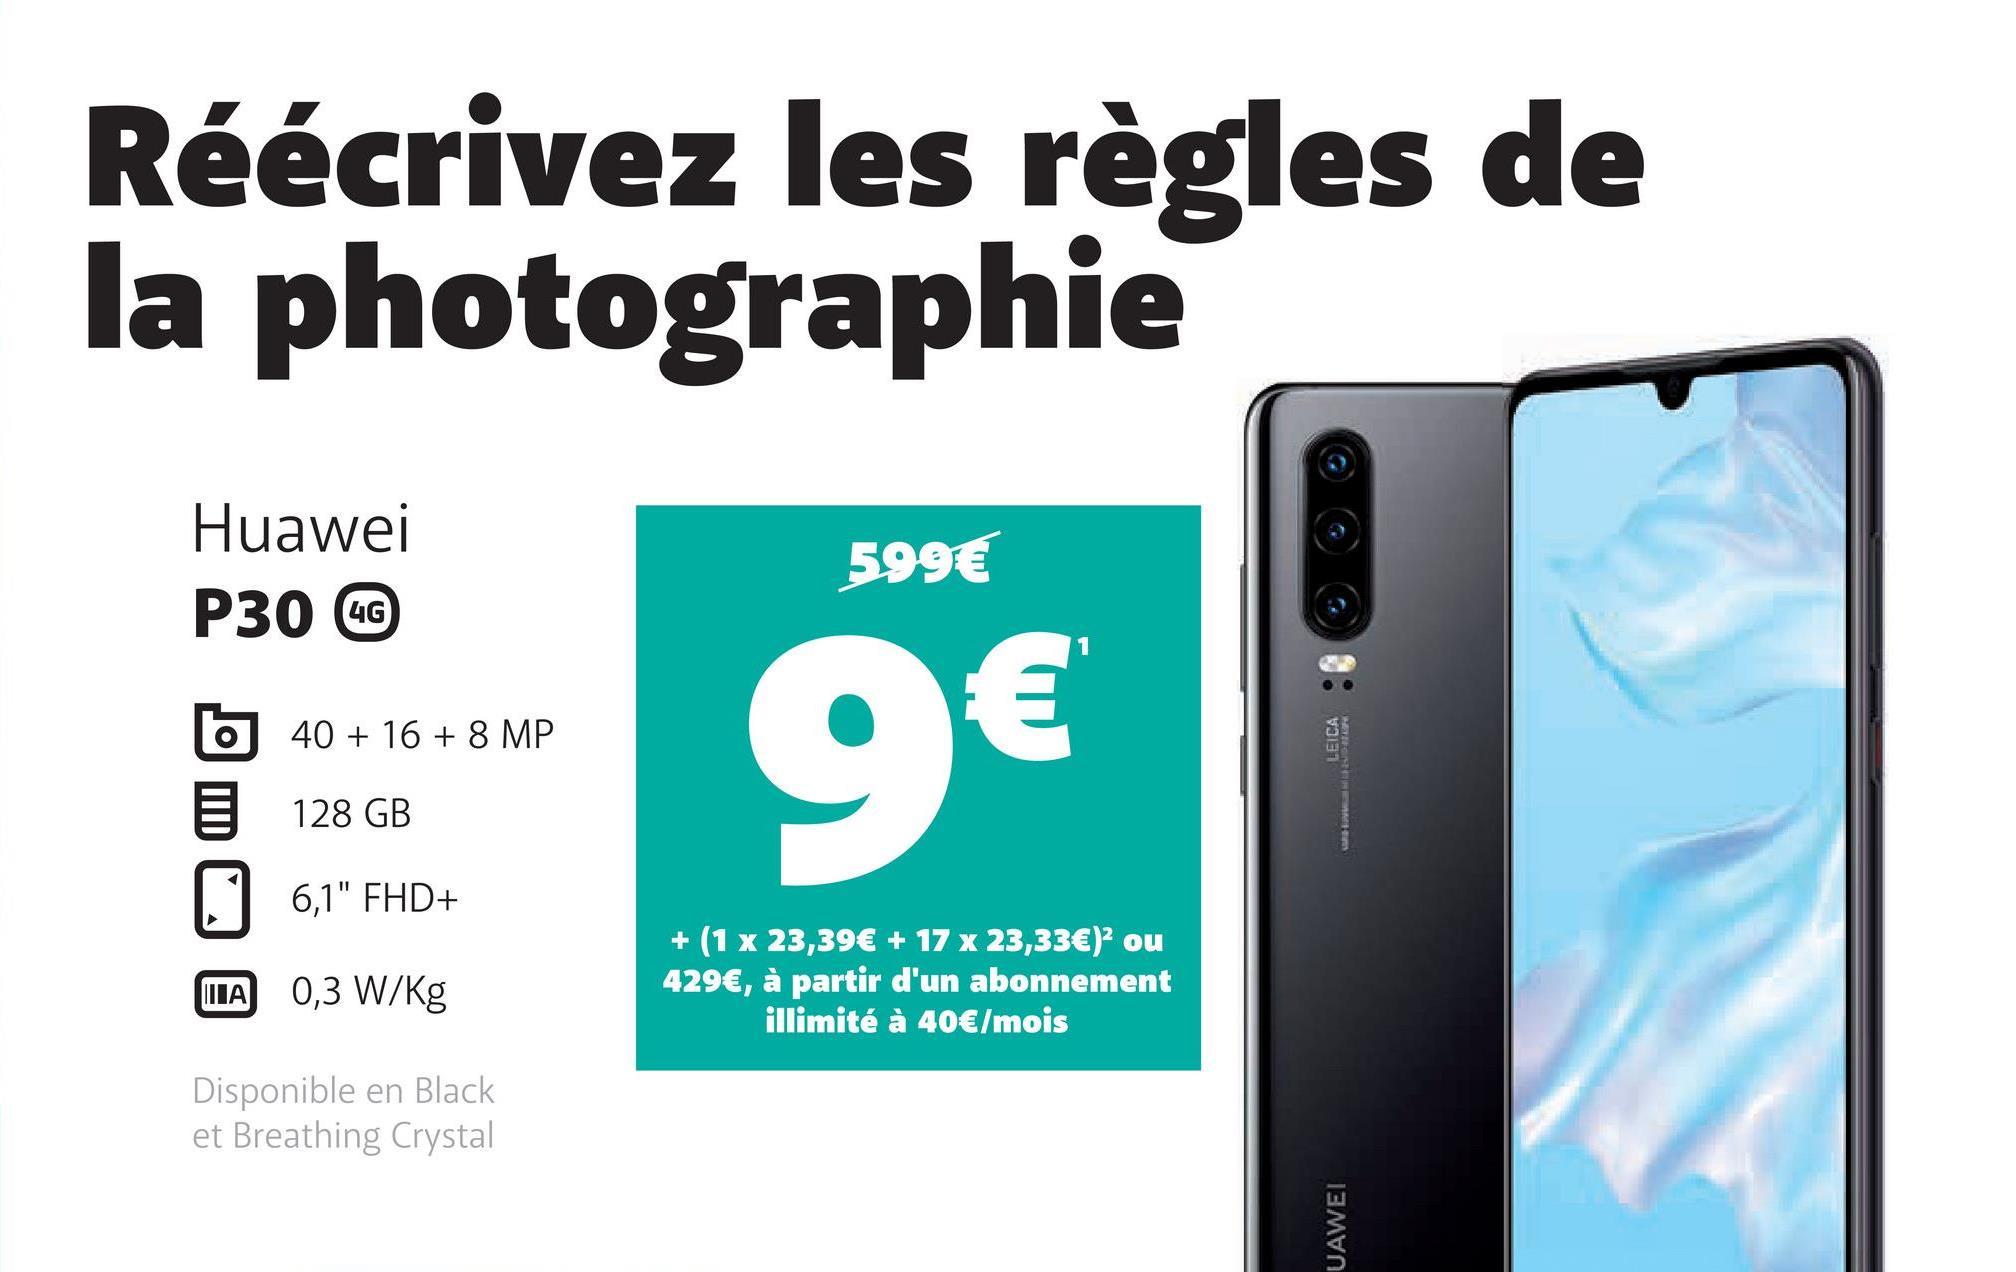 """Réécrivez les règles de la photographie Huawei P30 GG 599€ 40 + 16 + 8 MP 128 GB 6,1"""" FHD+ WA 0,3 W/kg + (1 x 23,39€ + 17 x 23,33€)? ou 429€, à partir d'un abonnement illimité à 40€/mois Disponible en Black et Breathing Crystal UAWEI"""